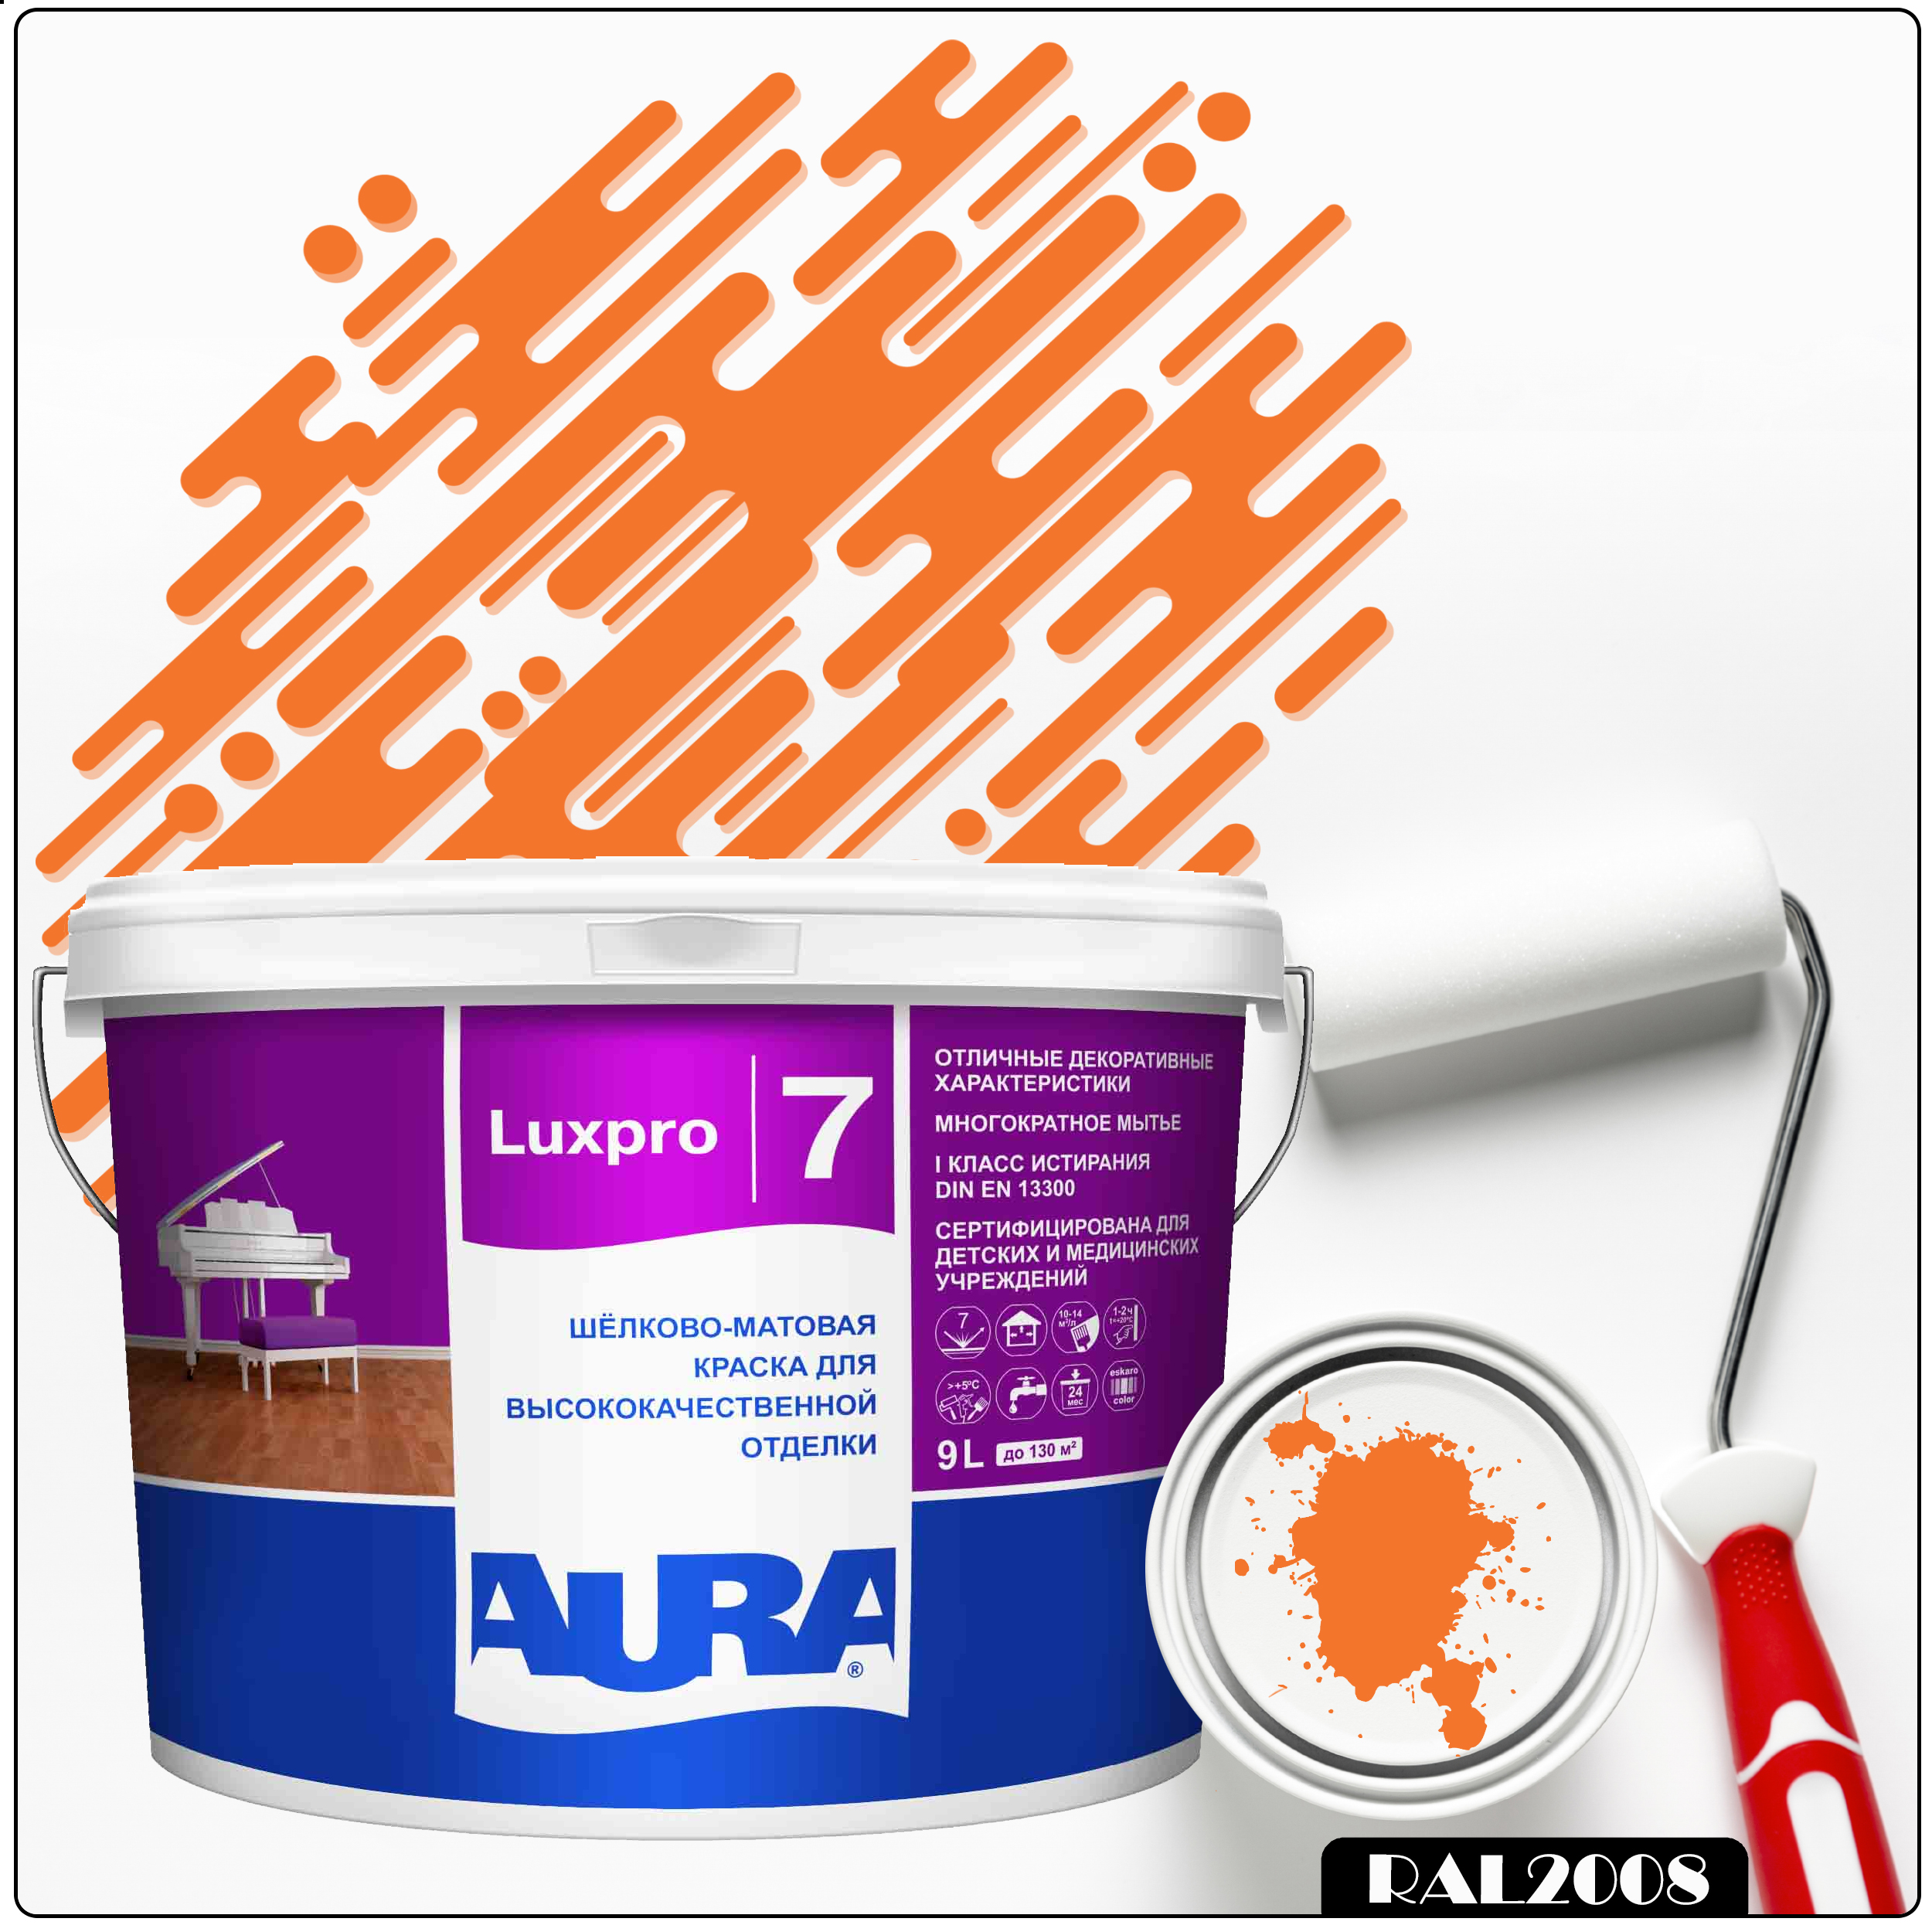 Фото 6 - Краска Aura LuxPRO 7, RAL 2008 Ярко-красный-оранжевый, латексная, шелково-матовая, интерьерная, 9л, Аура.